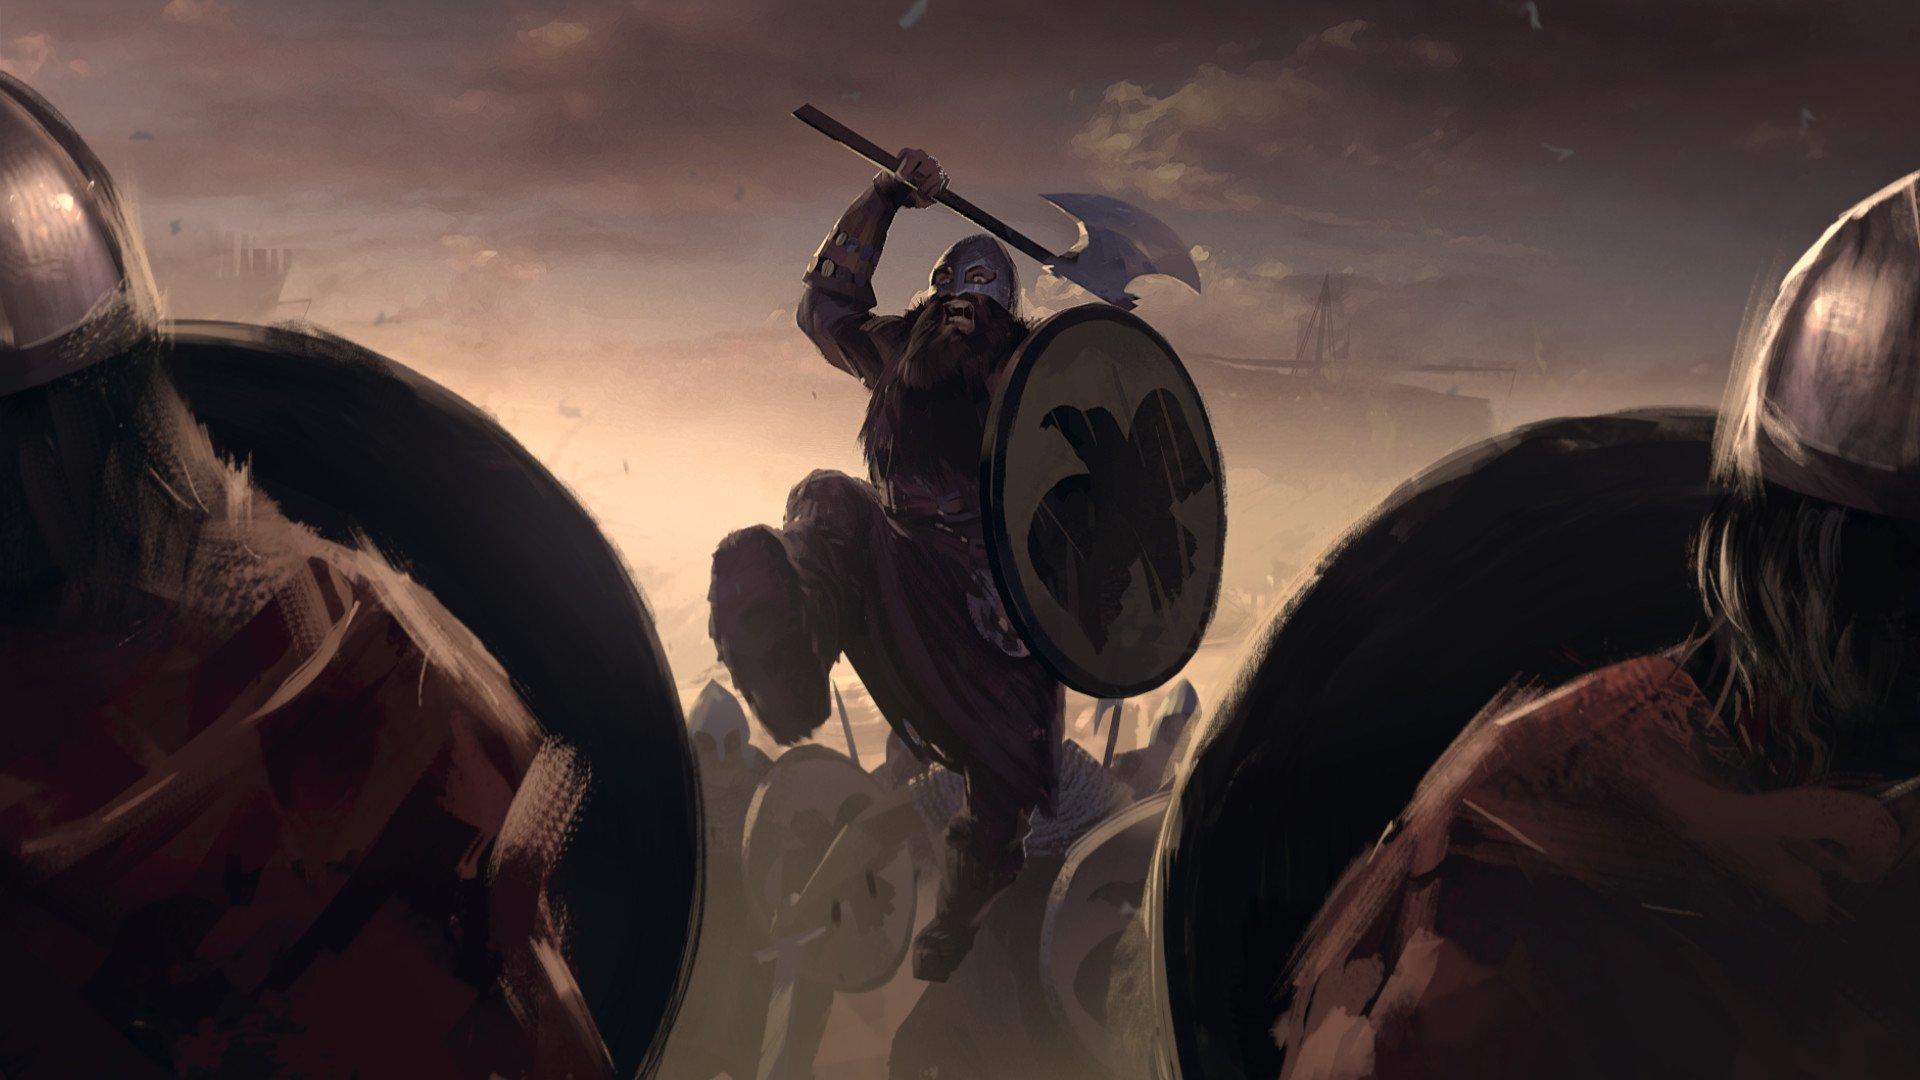 电子游戏 - Total War Saga: Thrones of Britannia  壁纸